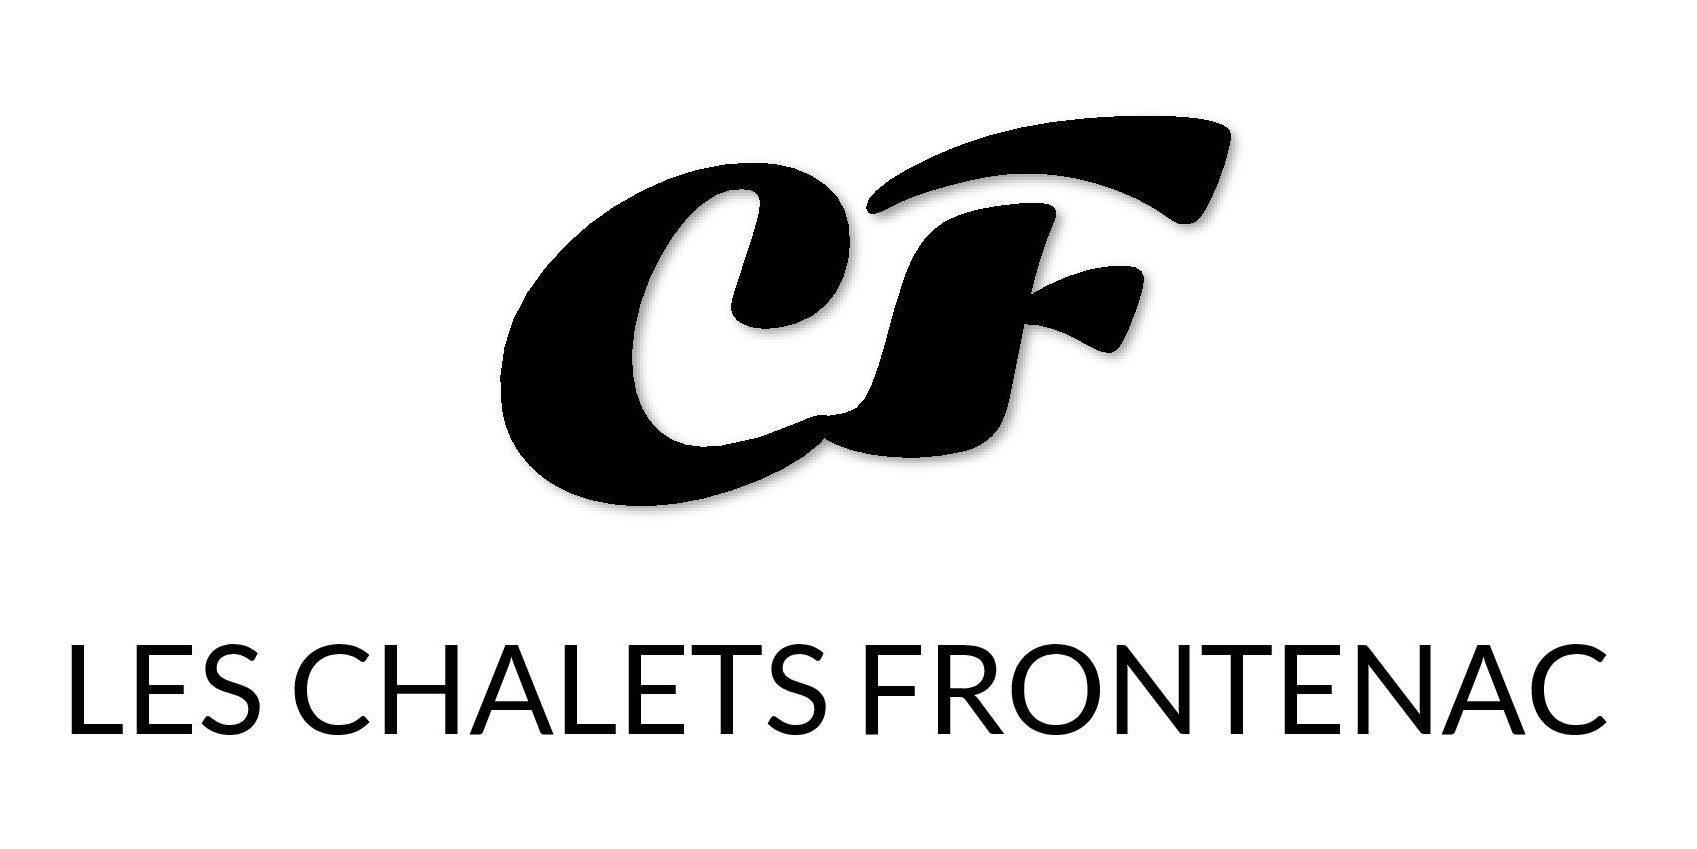 Les Chalets Frontenac